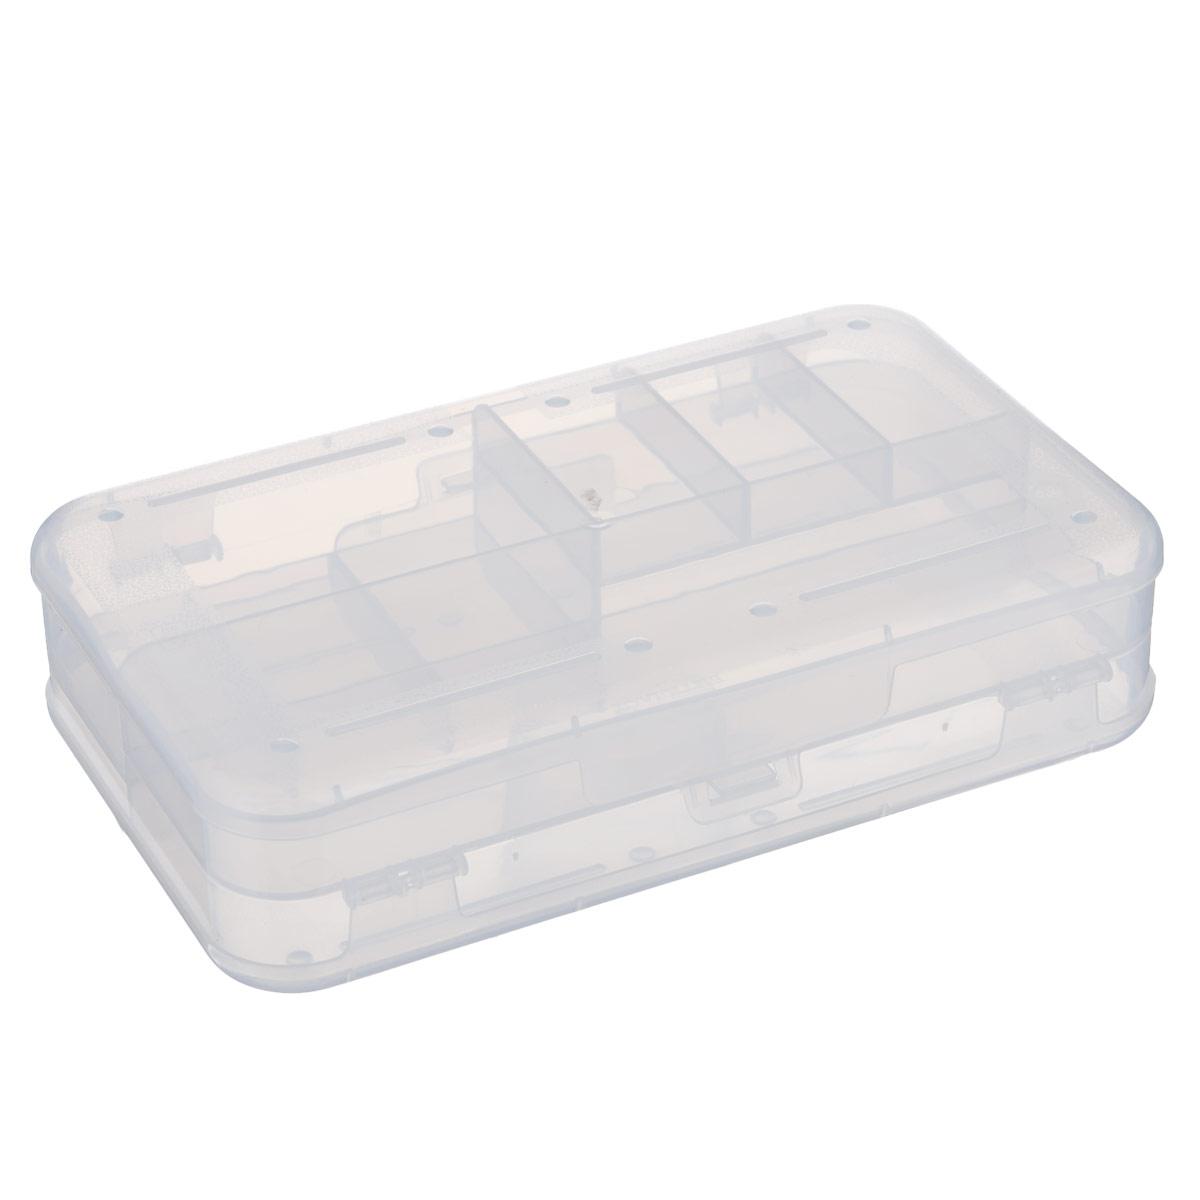 Органайзер Бытпласт, двухсторонний, цвет: прозрачный, 22,5 х 13,5 х 5,3 смС12667Органайзер  Бытпласт , выполненный из прочного пластика, предназначен для хранения различных мелких вещей. С каждой стороны органайзера находятся 3 маленьких, 1 средний и 1 большое отделения. Прозрачная поверхность позволяет видеть содержимое органайзера. По обеим сторонам органайзера имеются небольшие выступы, благодаря которым поверхность органайзера не царапается. Удобный и надежный замок-защелка обеспечивает надежное закрывание крышки. Органайзер легко моется и чистится. Размеры отделений: Размер большого отделения: 20,8 см х 5,8 см х 1,8 см; Размер среднего отделения: 10,3 см х 5,8 см х 2,6 см; Размер малого отделения: 3,3 см х 5,8 см х 1 см.